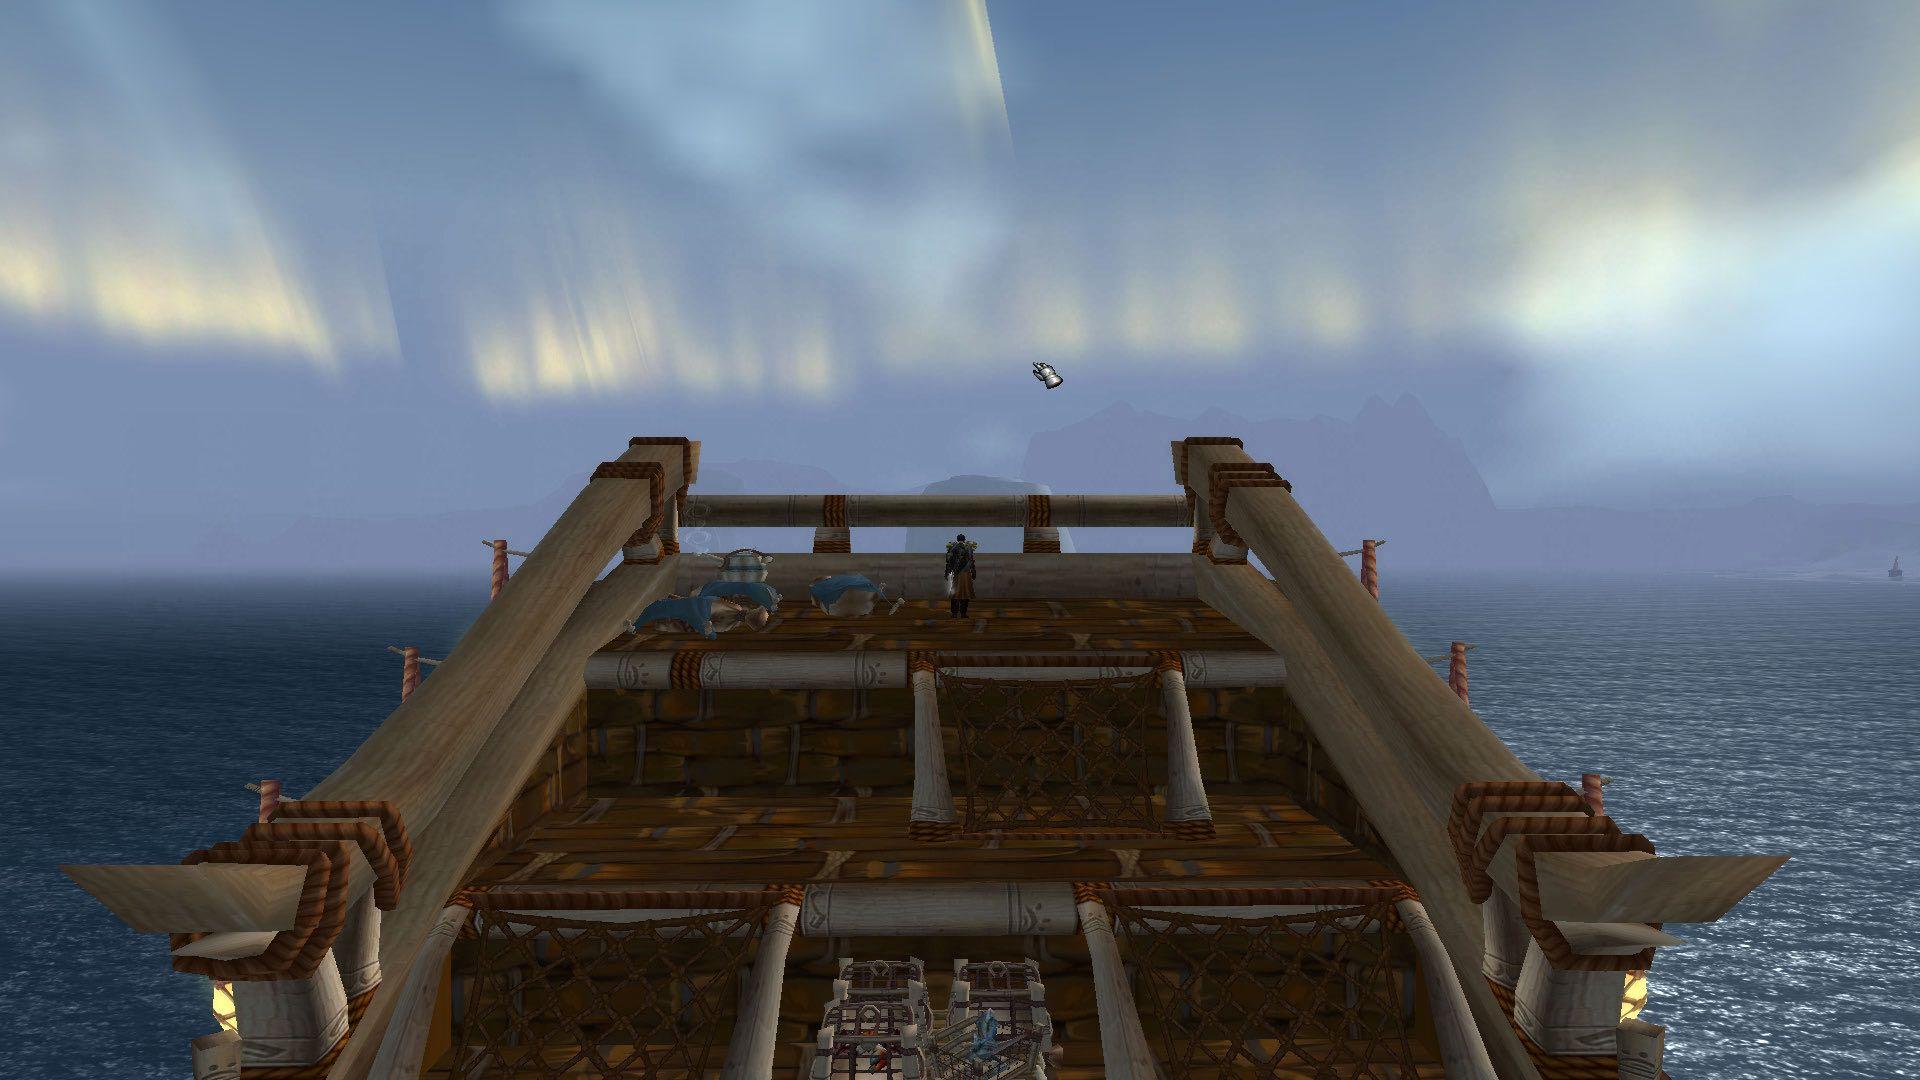 坐海象人的船穿过冰冻之海去龙骨荒野的莫亚基港口